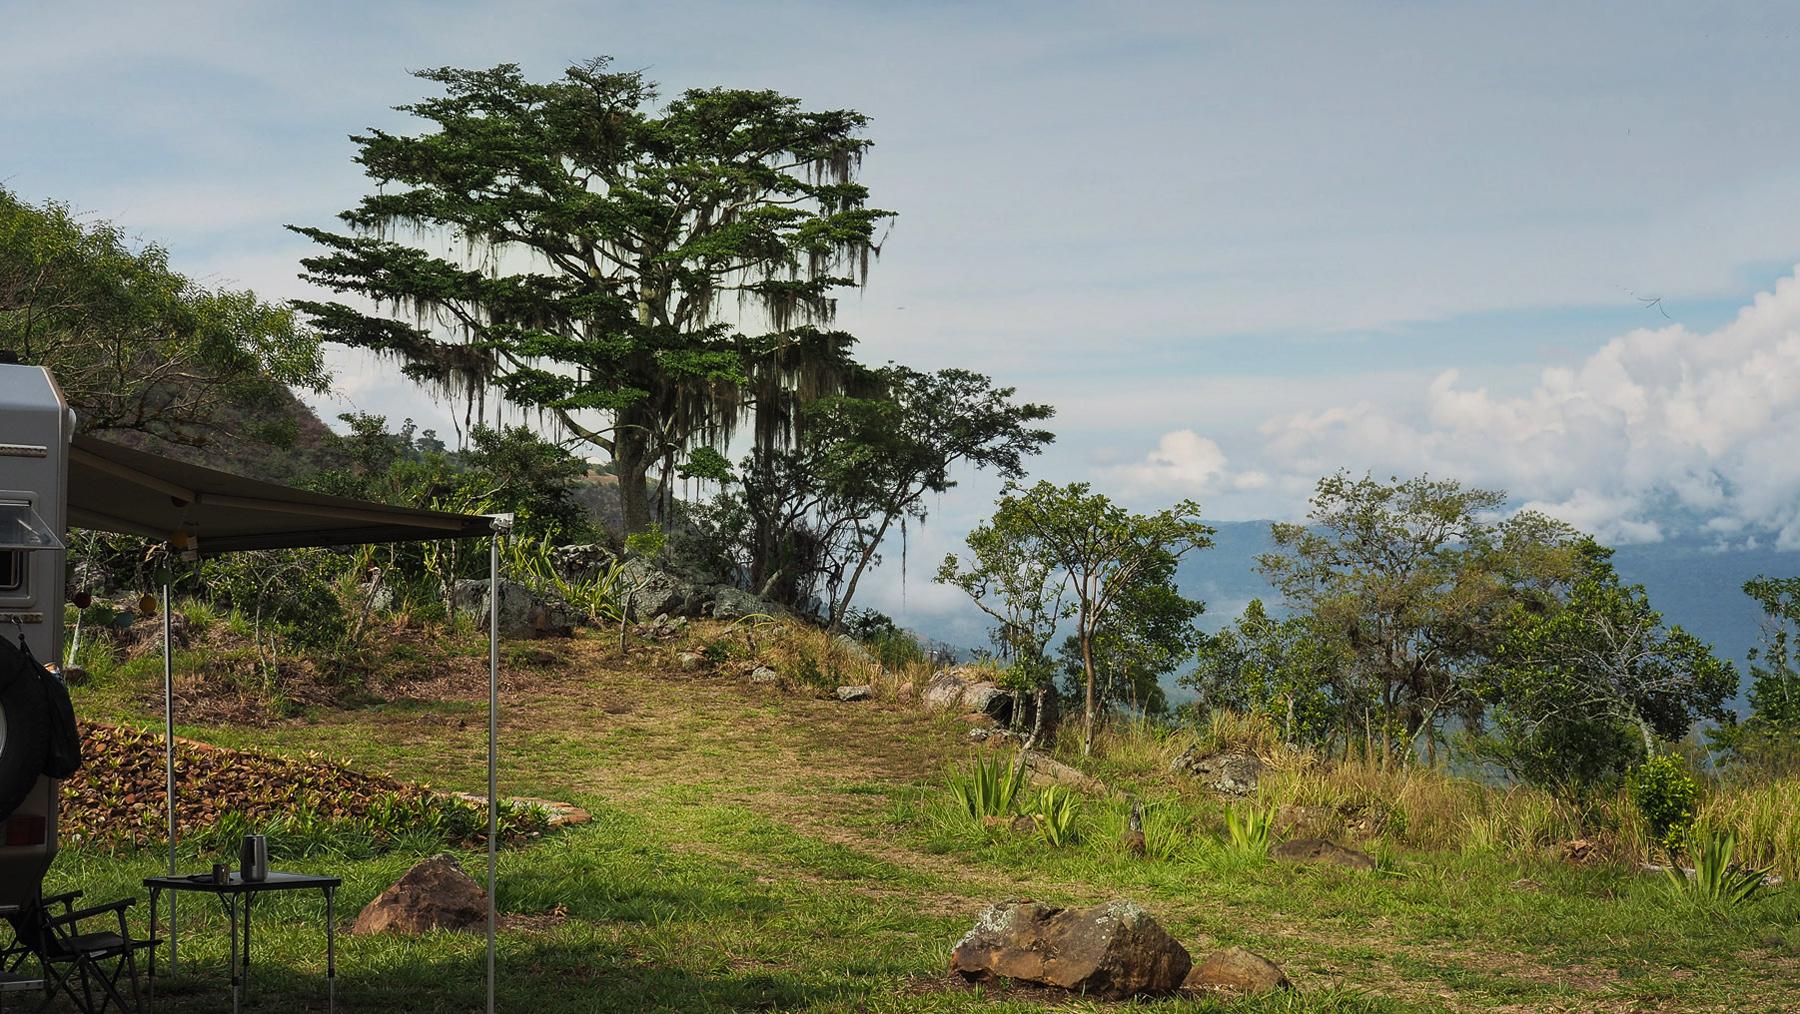 Der Guaimaro Baum, nach dem die Finca benannt ist